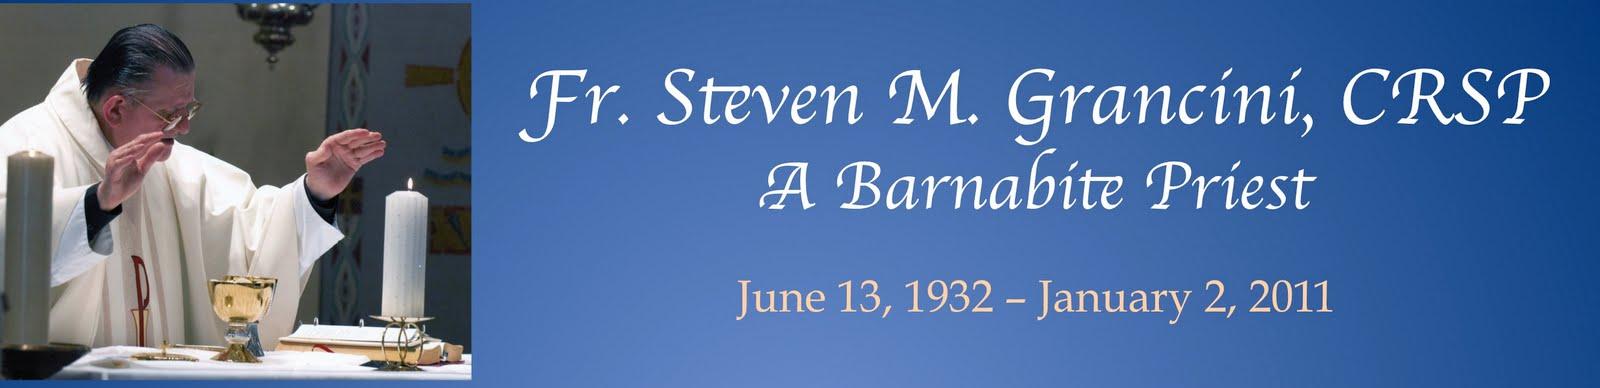 Fr. Steven M. Grancini, CRSP